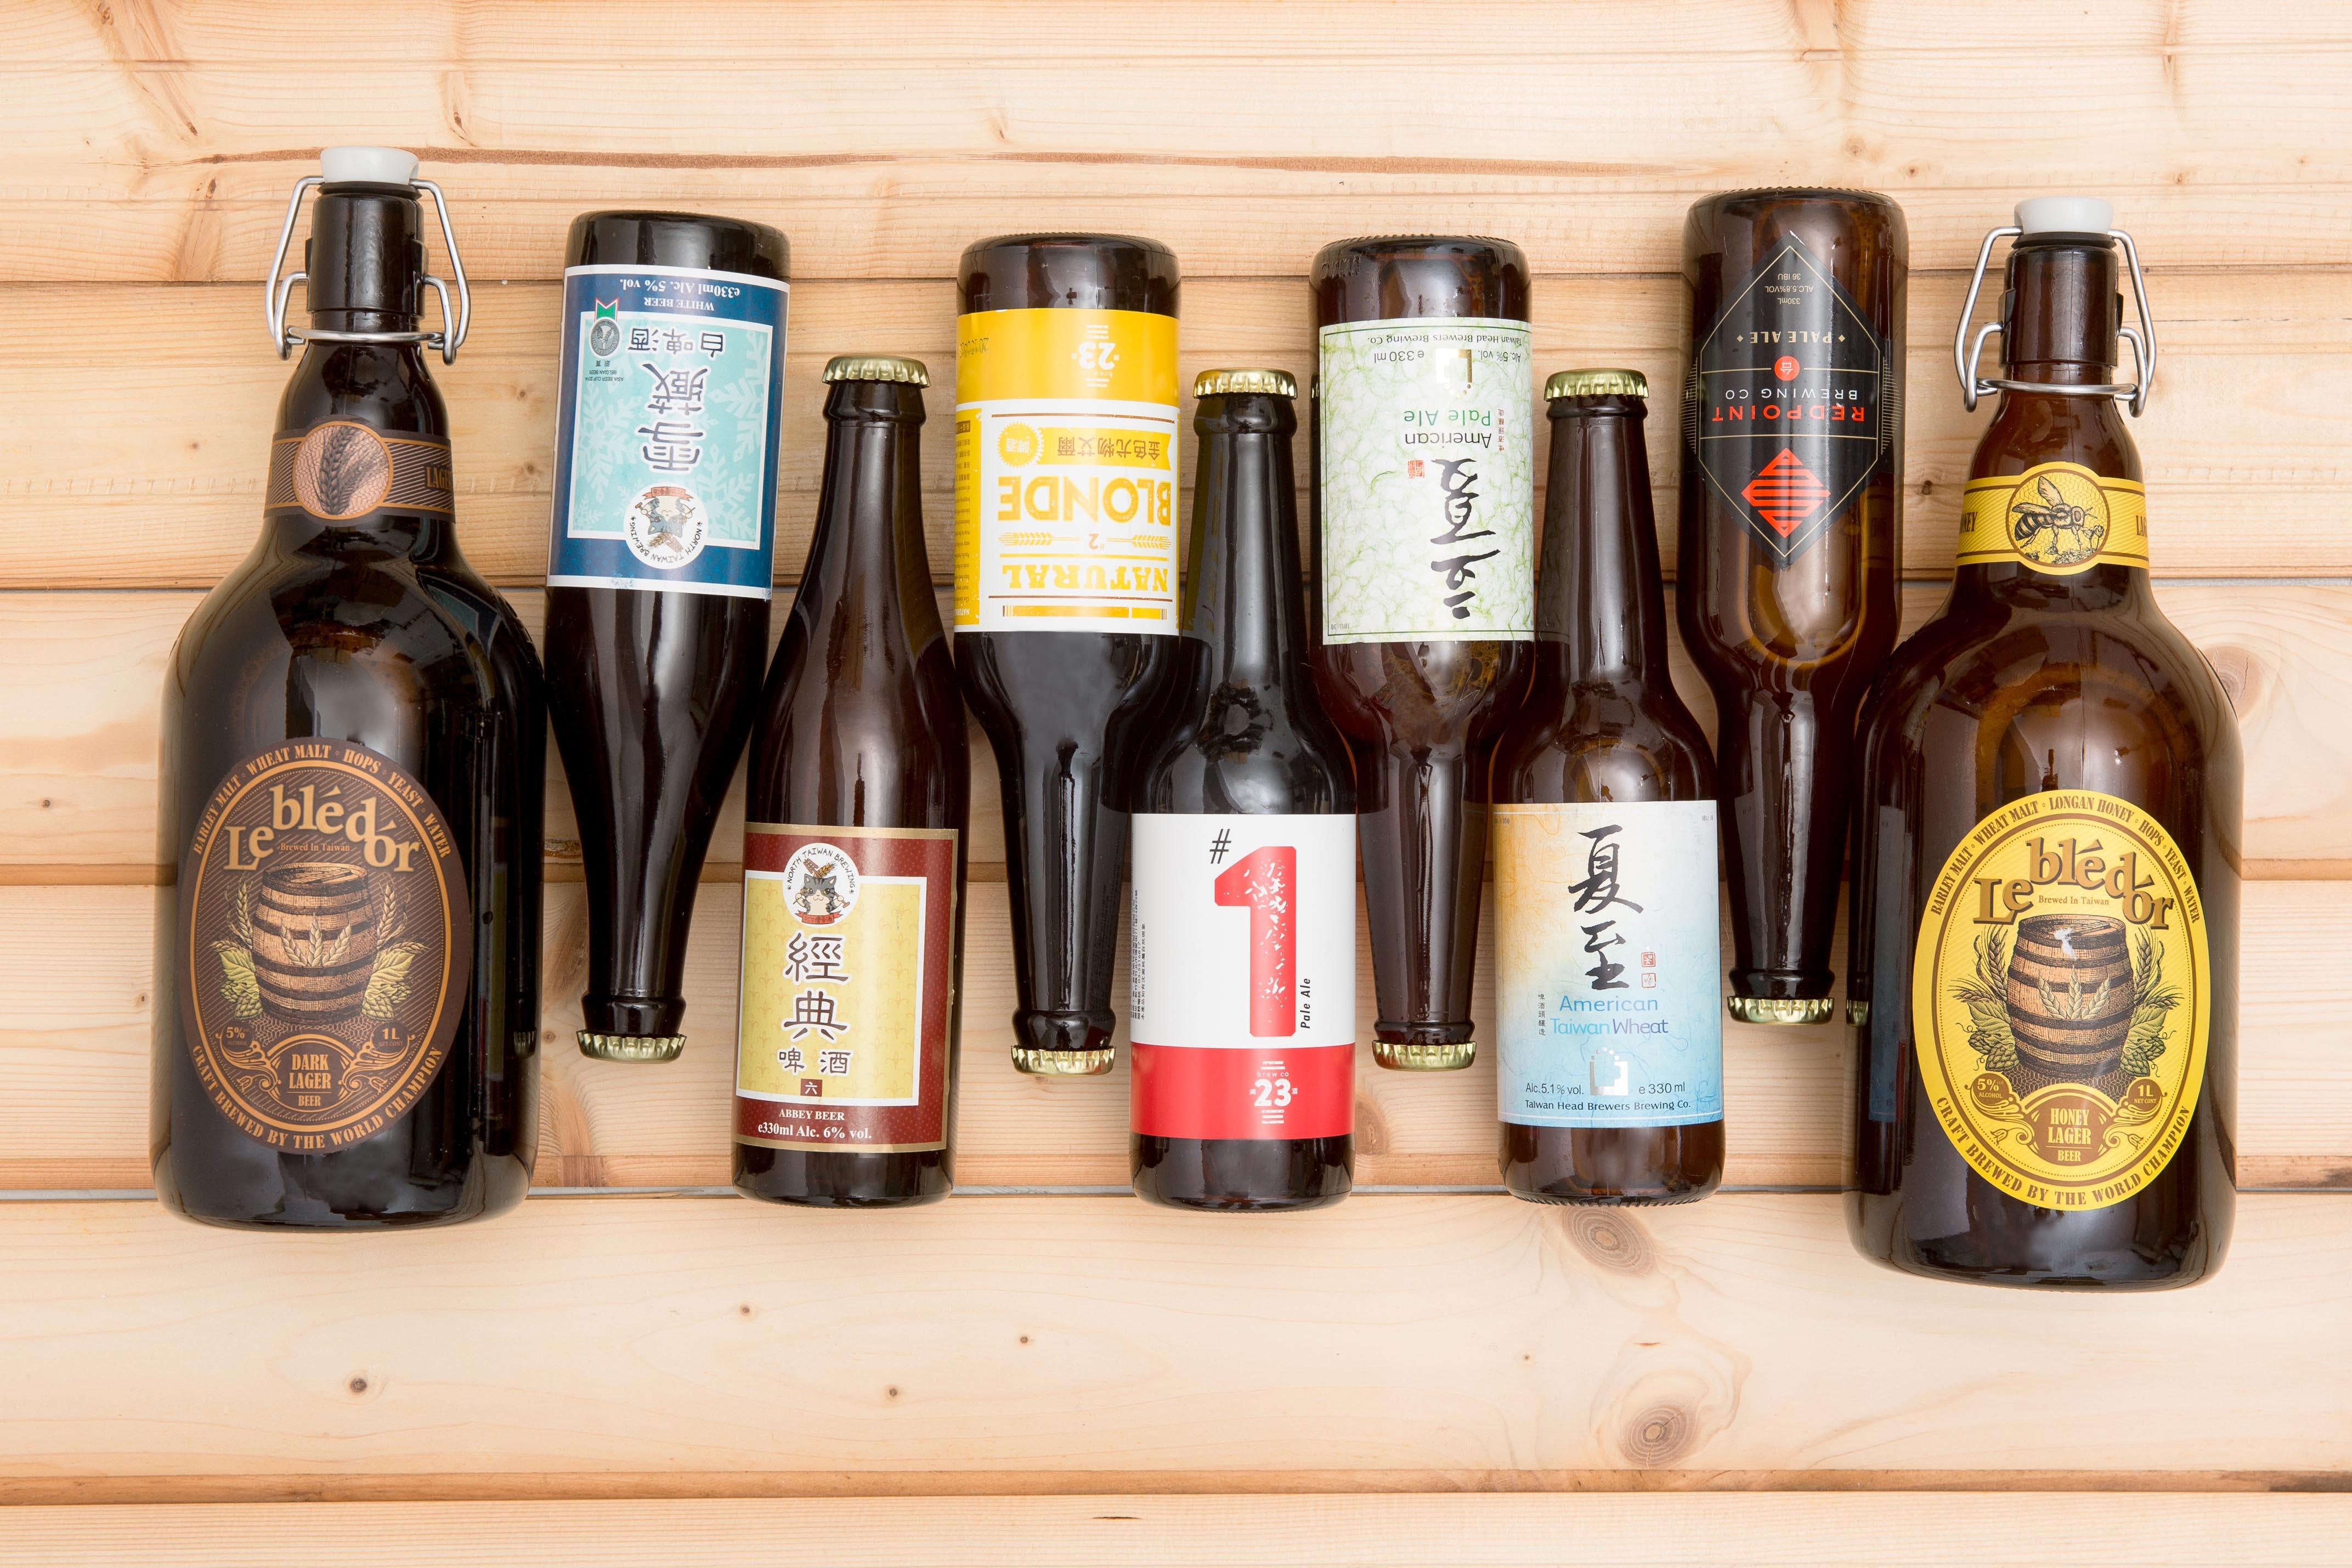 台灣精釀啤酒攝: 張國耀/ 端傳媒